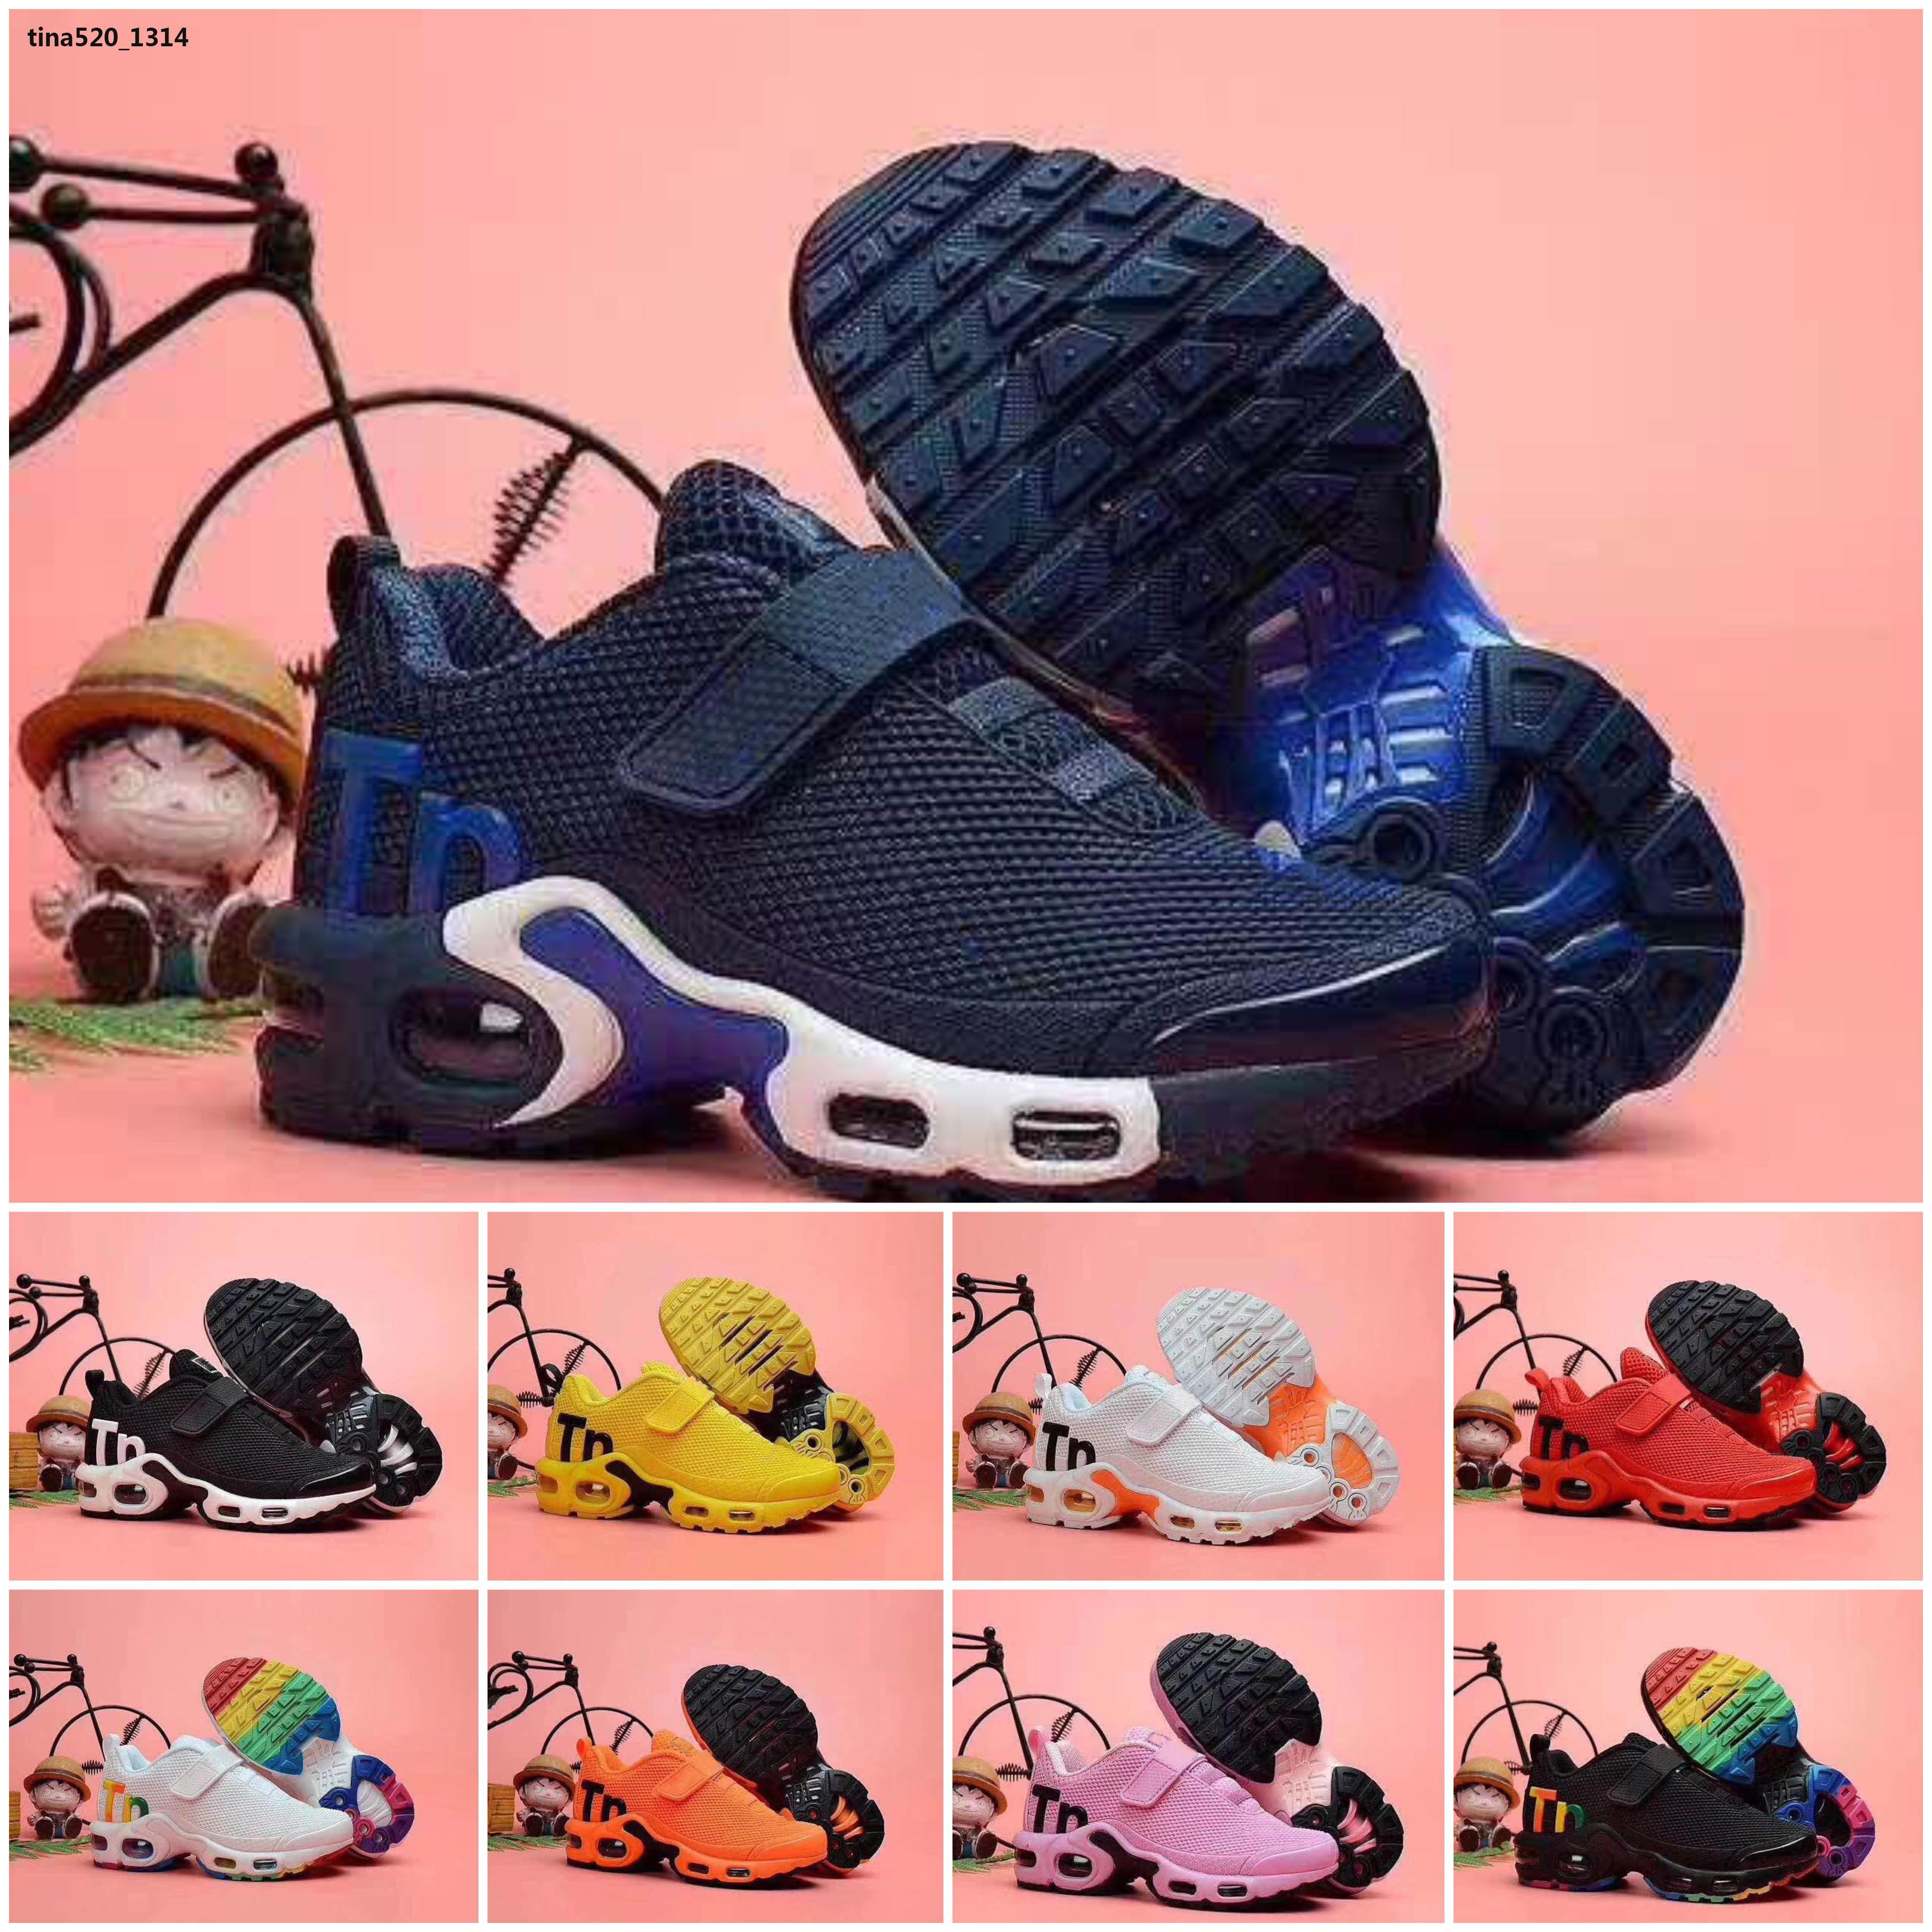 Nike Mercurial Air Max Plus Tn أطفال رضع بالإضافة إلى تينيسي صبي فتاة الأحذية للأطفال جودة عالية الكلاسيكية بين الوالدين والطفل الرياضية مزيج الهواء الطلق حذاء رياض